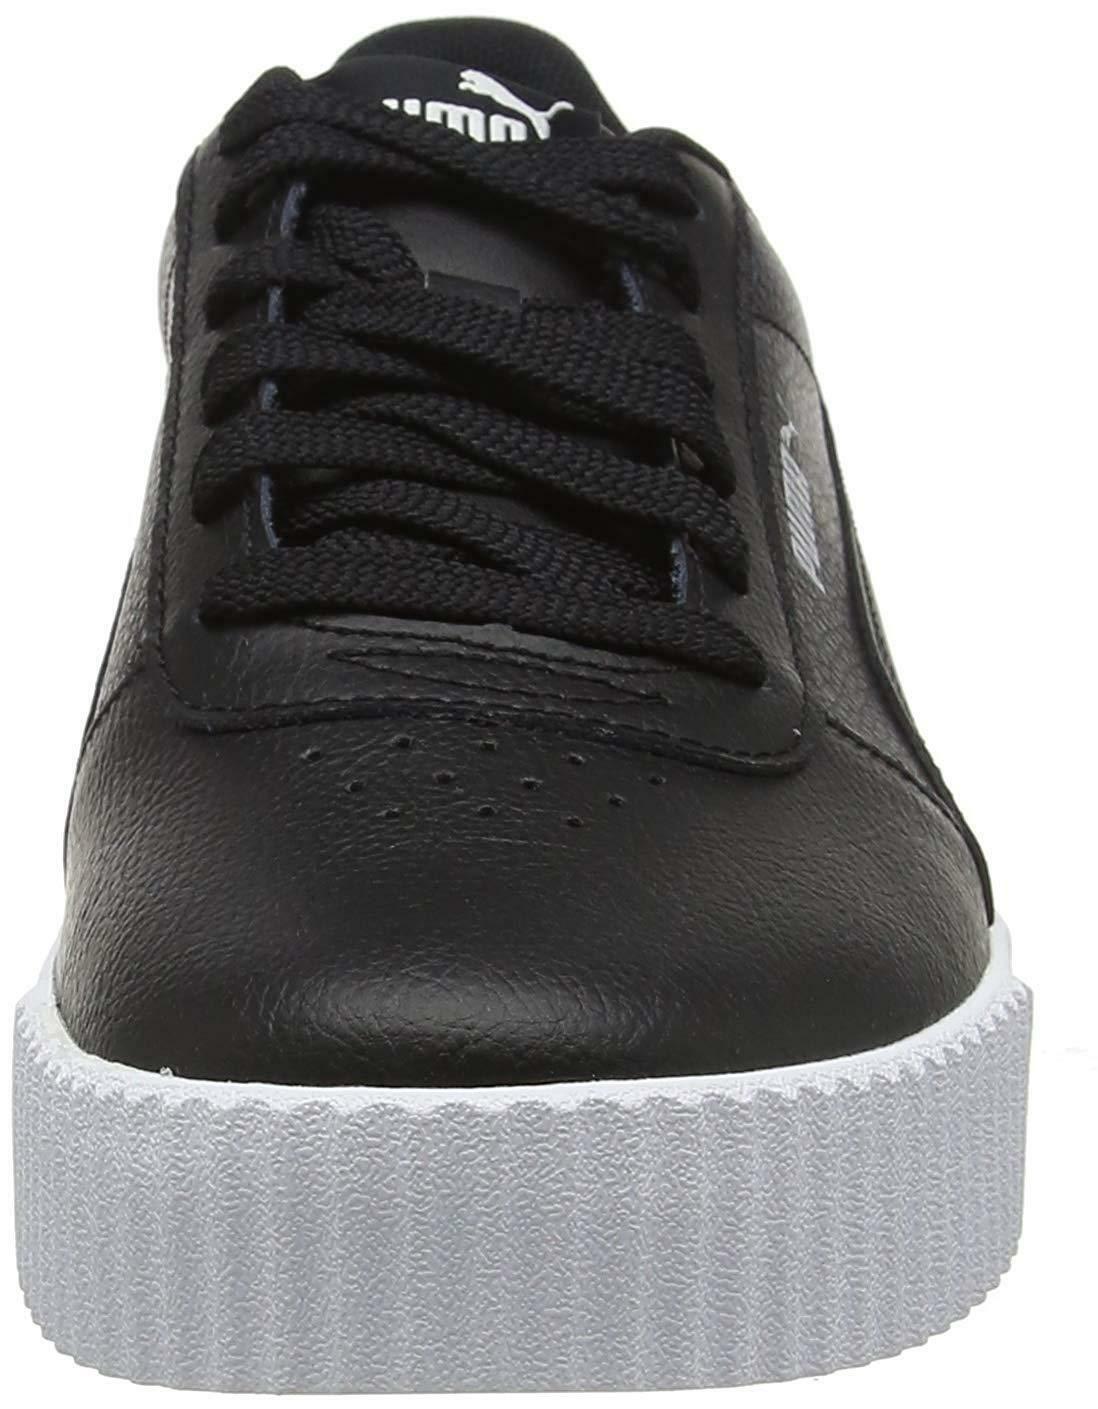 puma carina l scarpe sportive donna nere 37032501